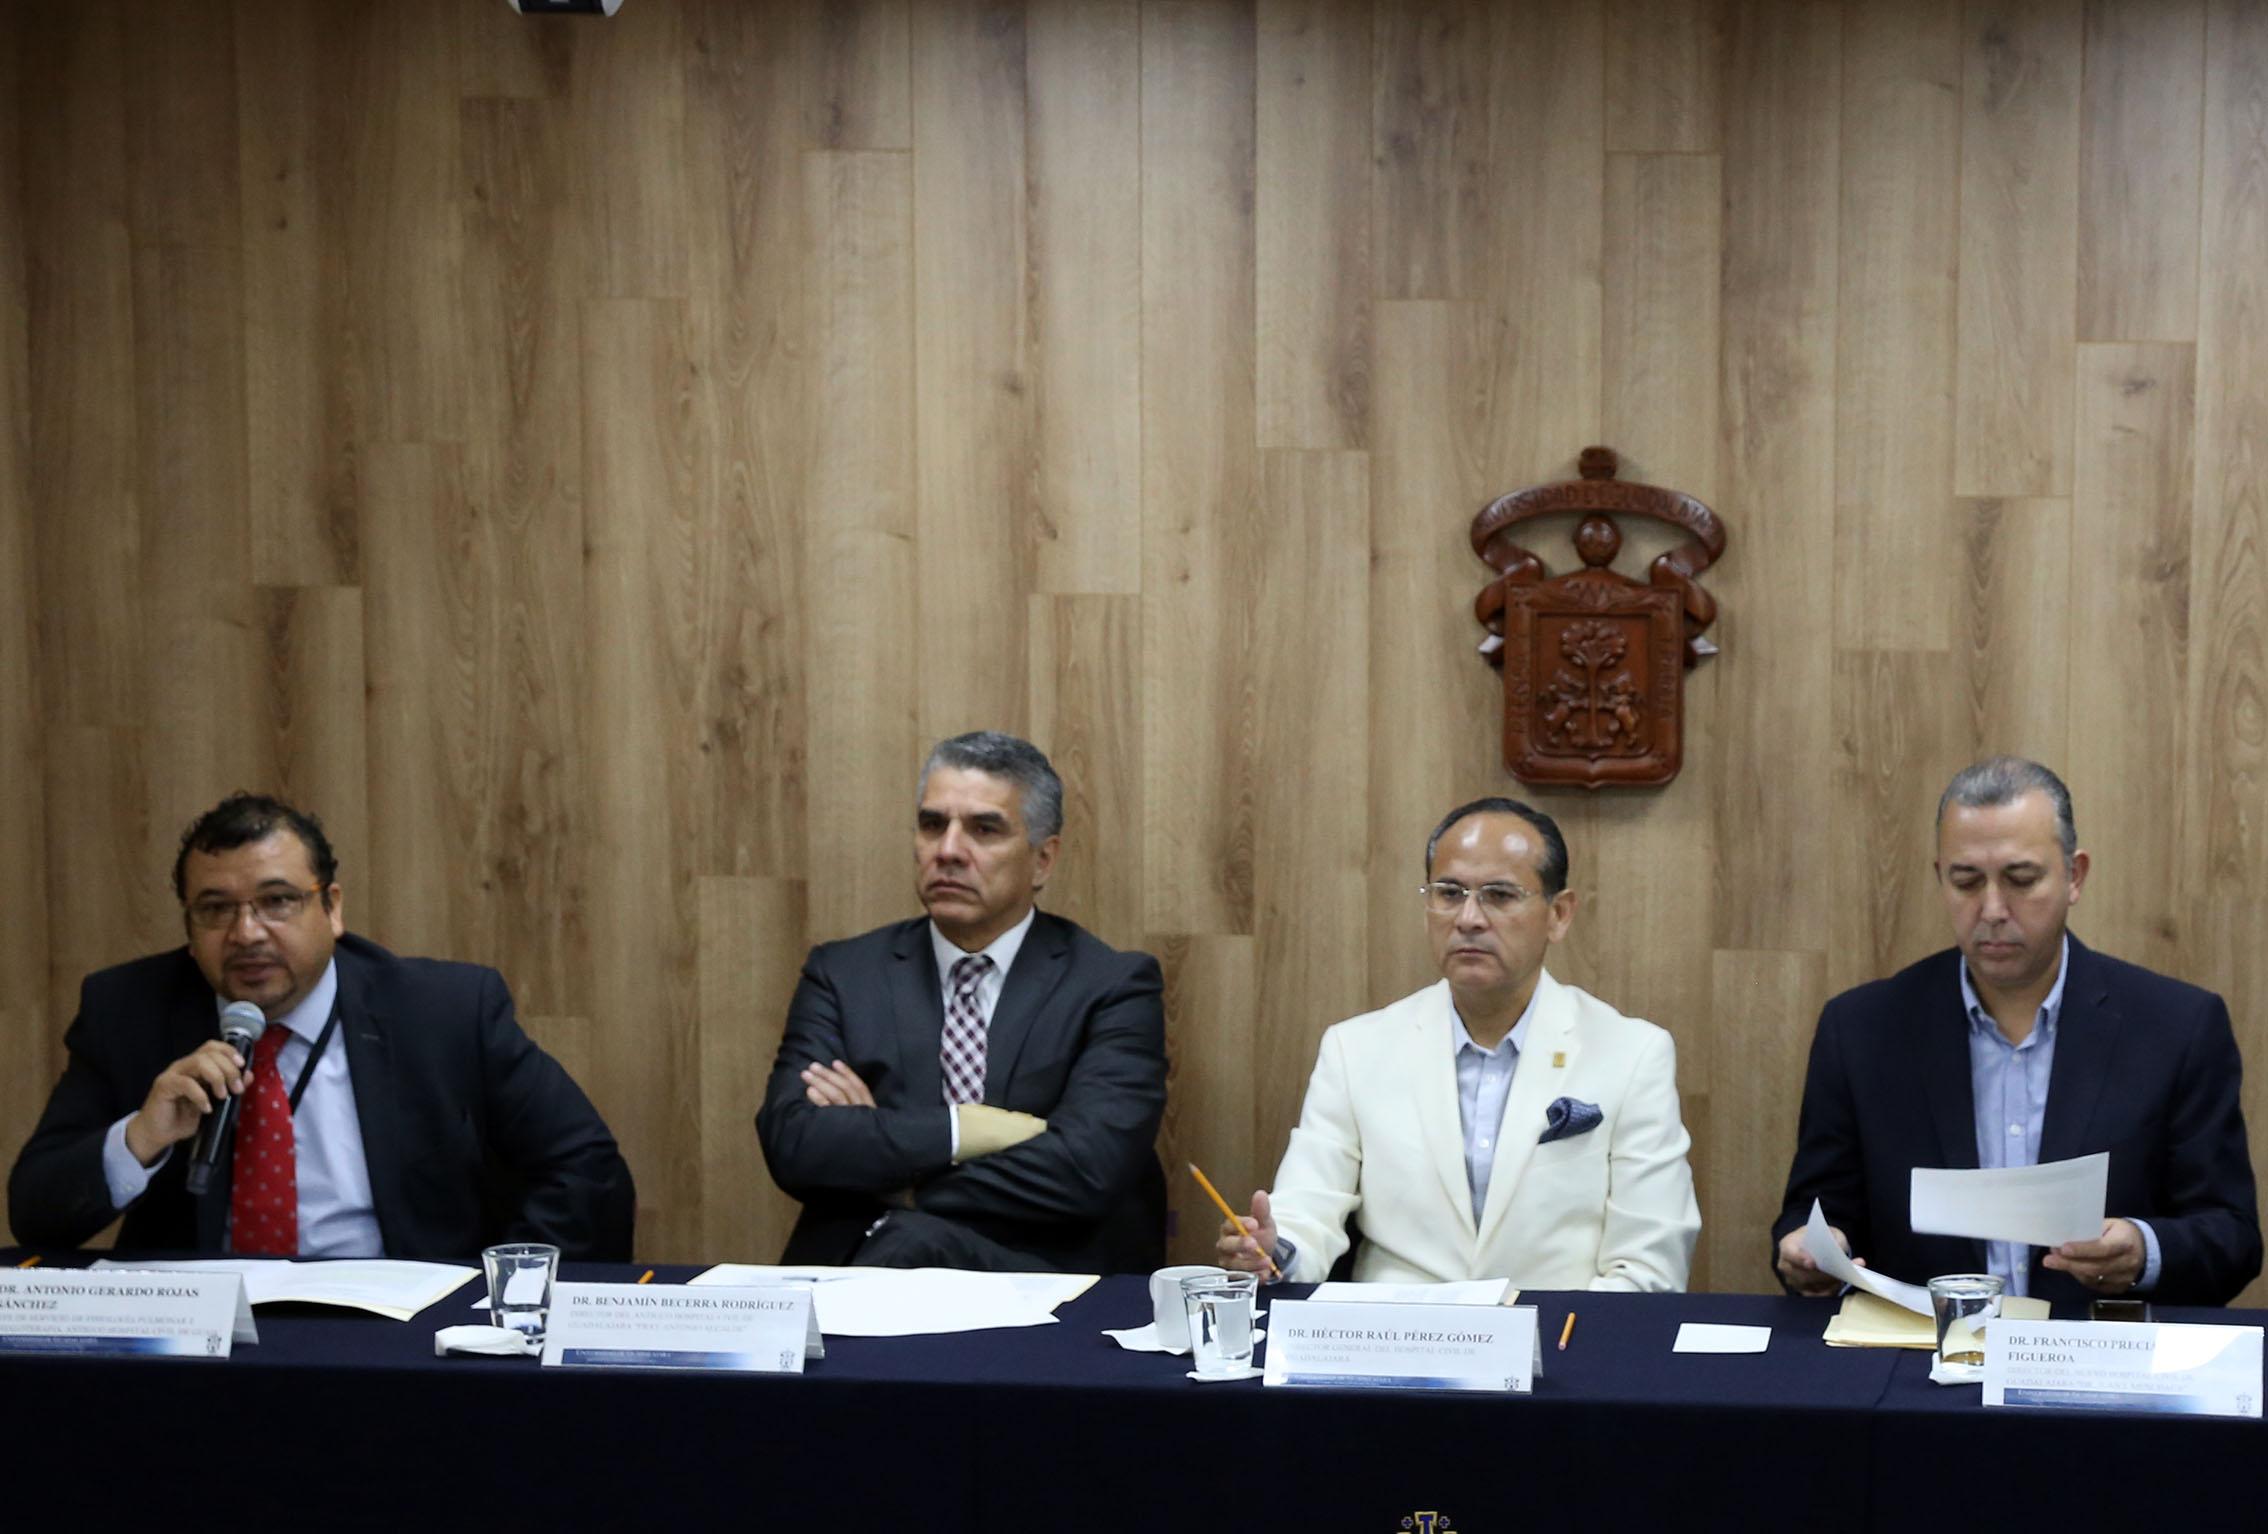 Los cuatro presentadores de la rueda de prensa sentados en la mesa